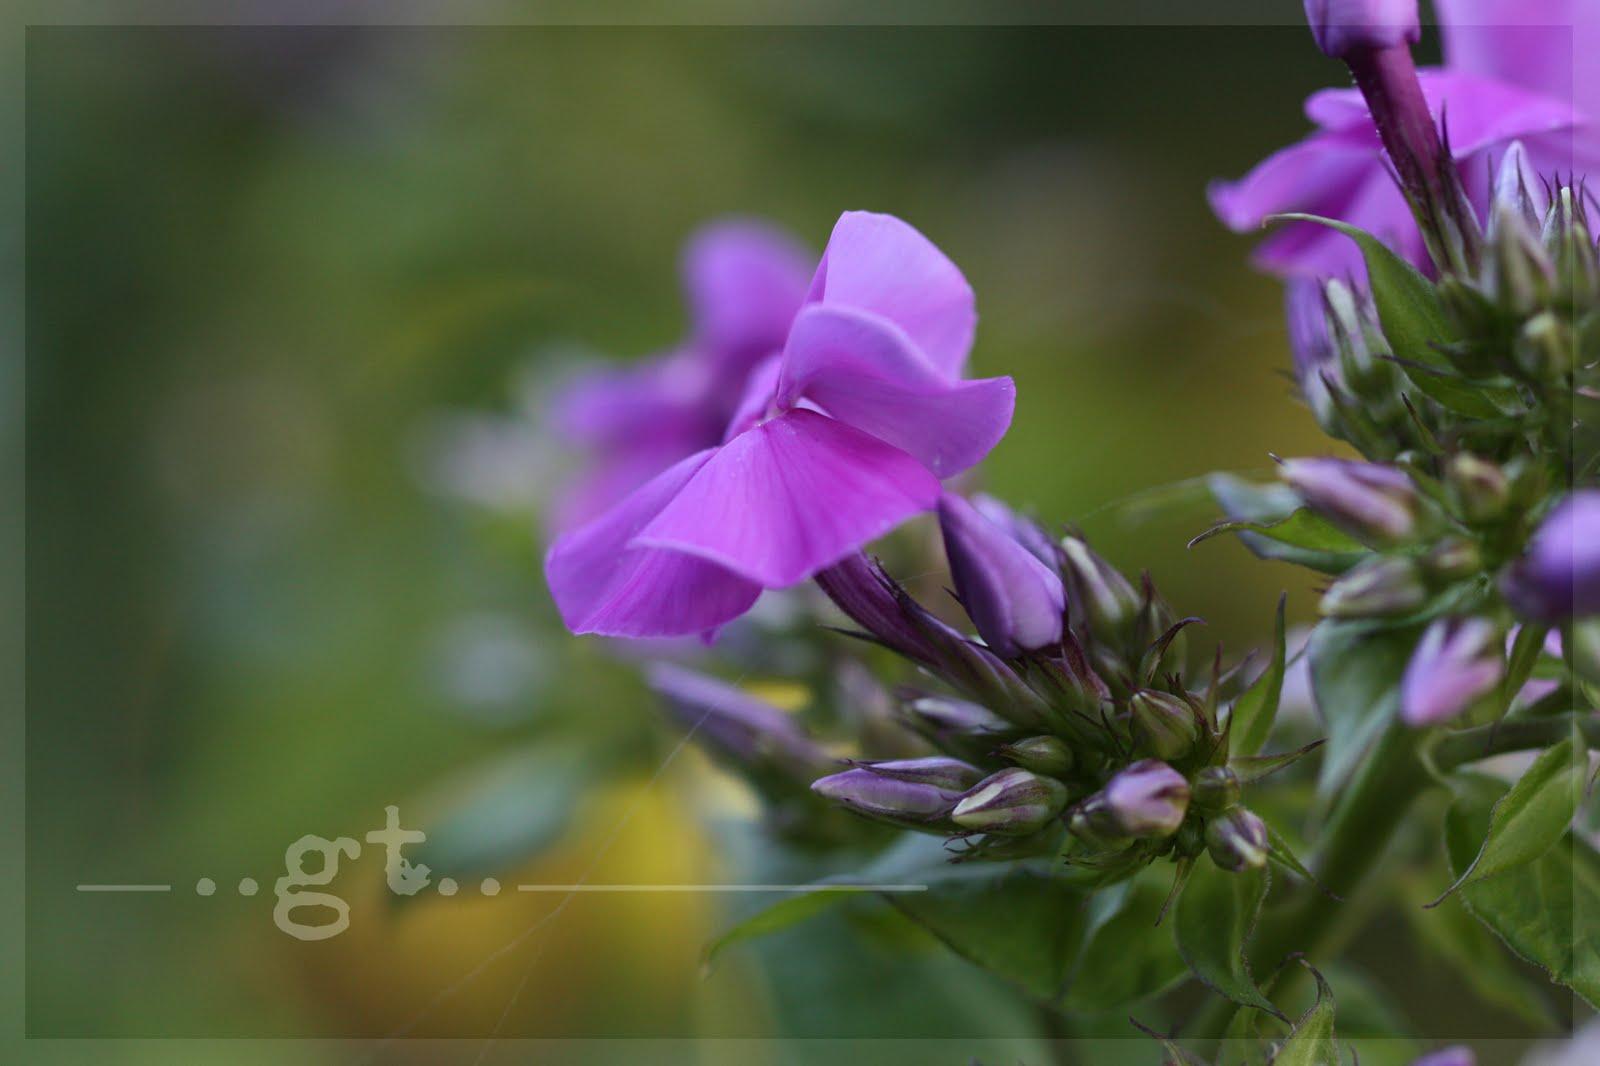 http://4.bp.blogspot.com/_rOlKu53E2Gw/TES5KYyw7wI/AAAAAAAAQfU/Hsn3RCGmHaA/s1600/IMG_6243..wm.phlox.jpg